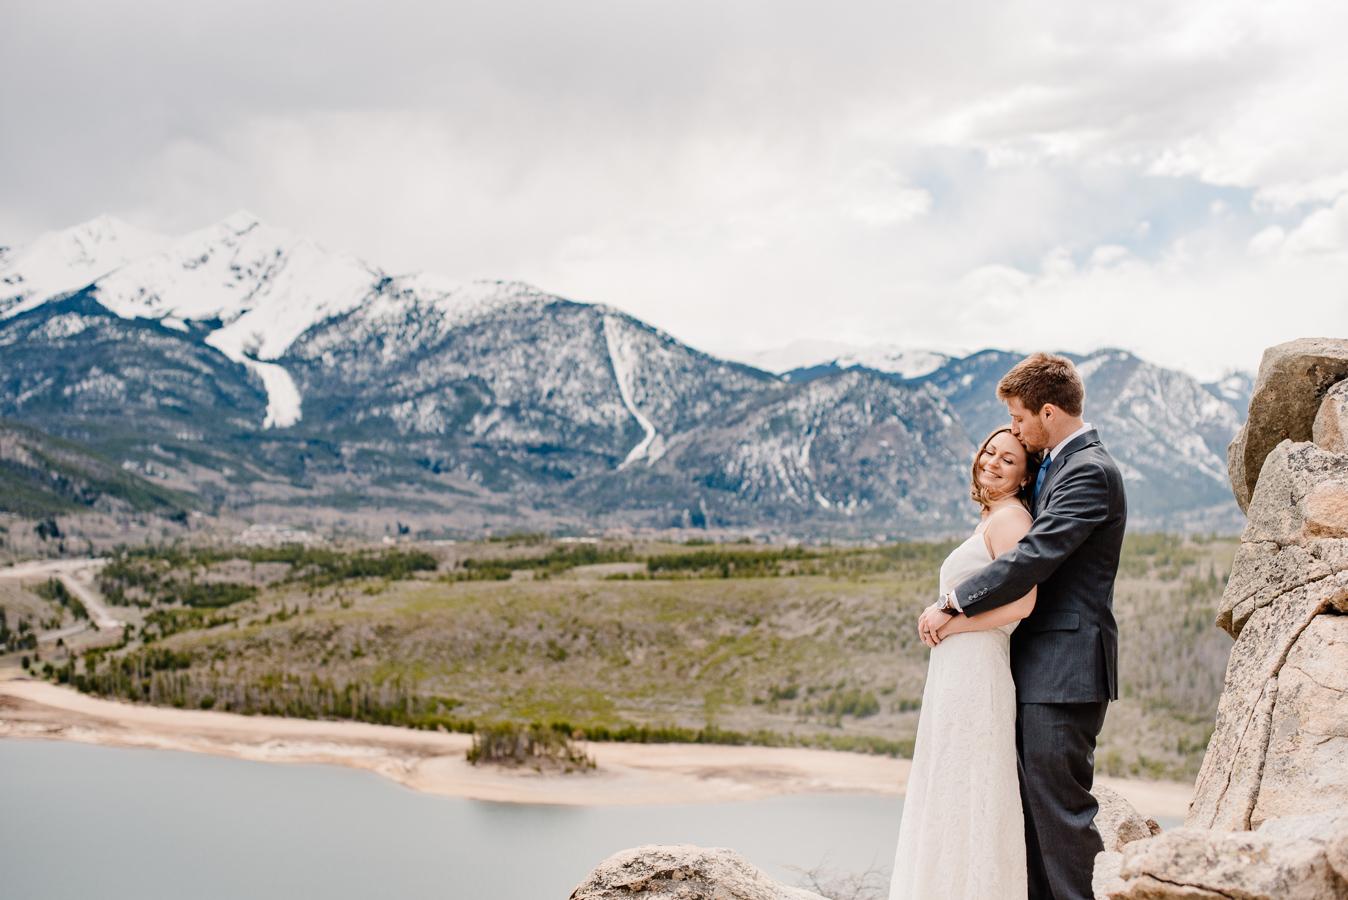 14-Sapphire-Point-Wedding-Photos-Aubrey&Gabe-Colorado-Mountain-Elopement-Photos-404.jpg